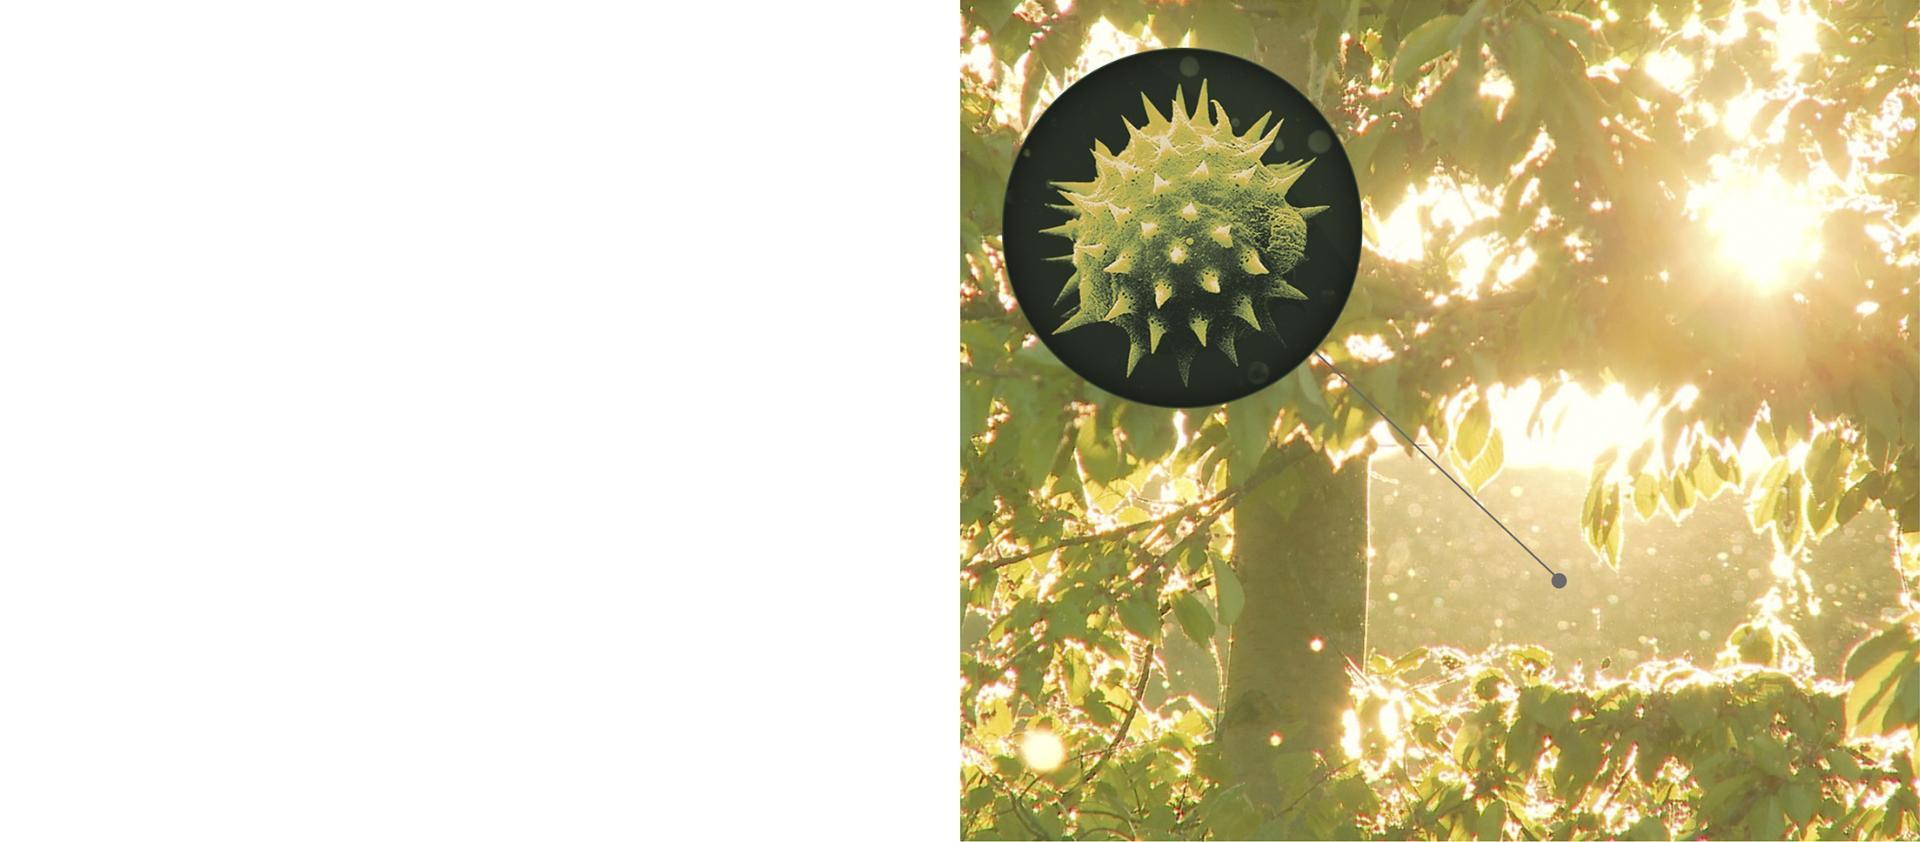 ağaçtaki polen partiküllerin yakın gösterimi